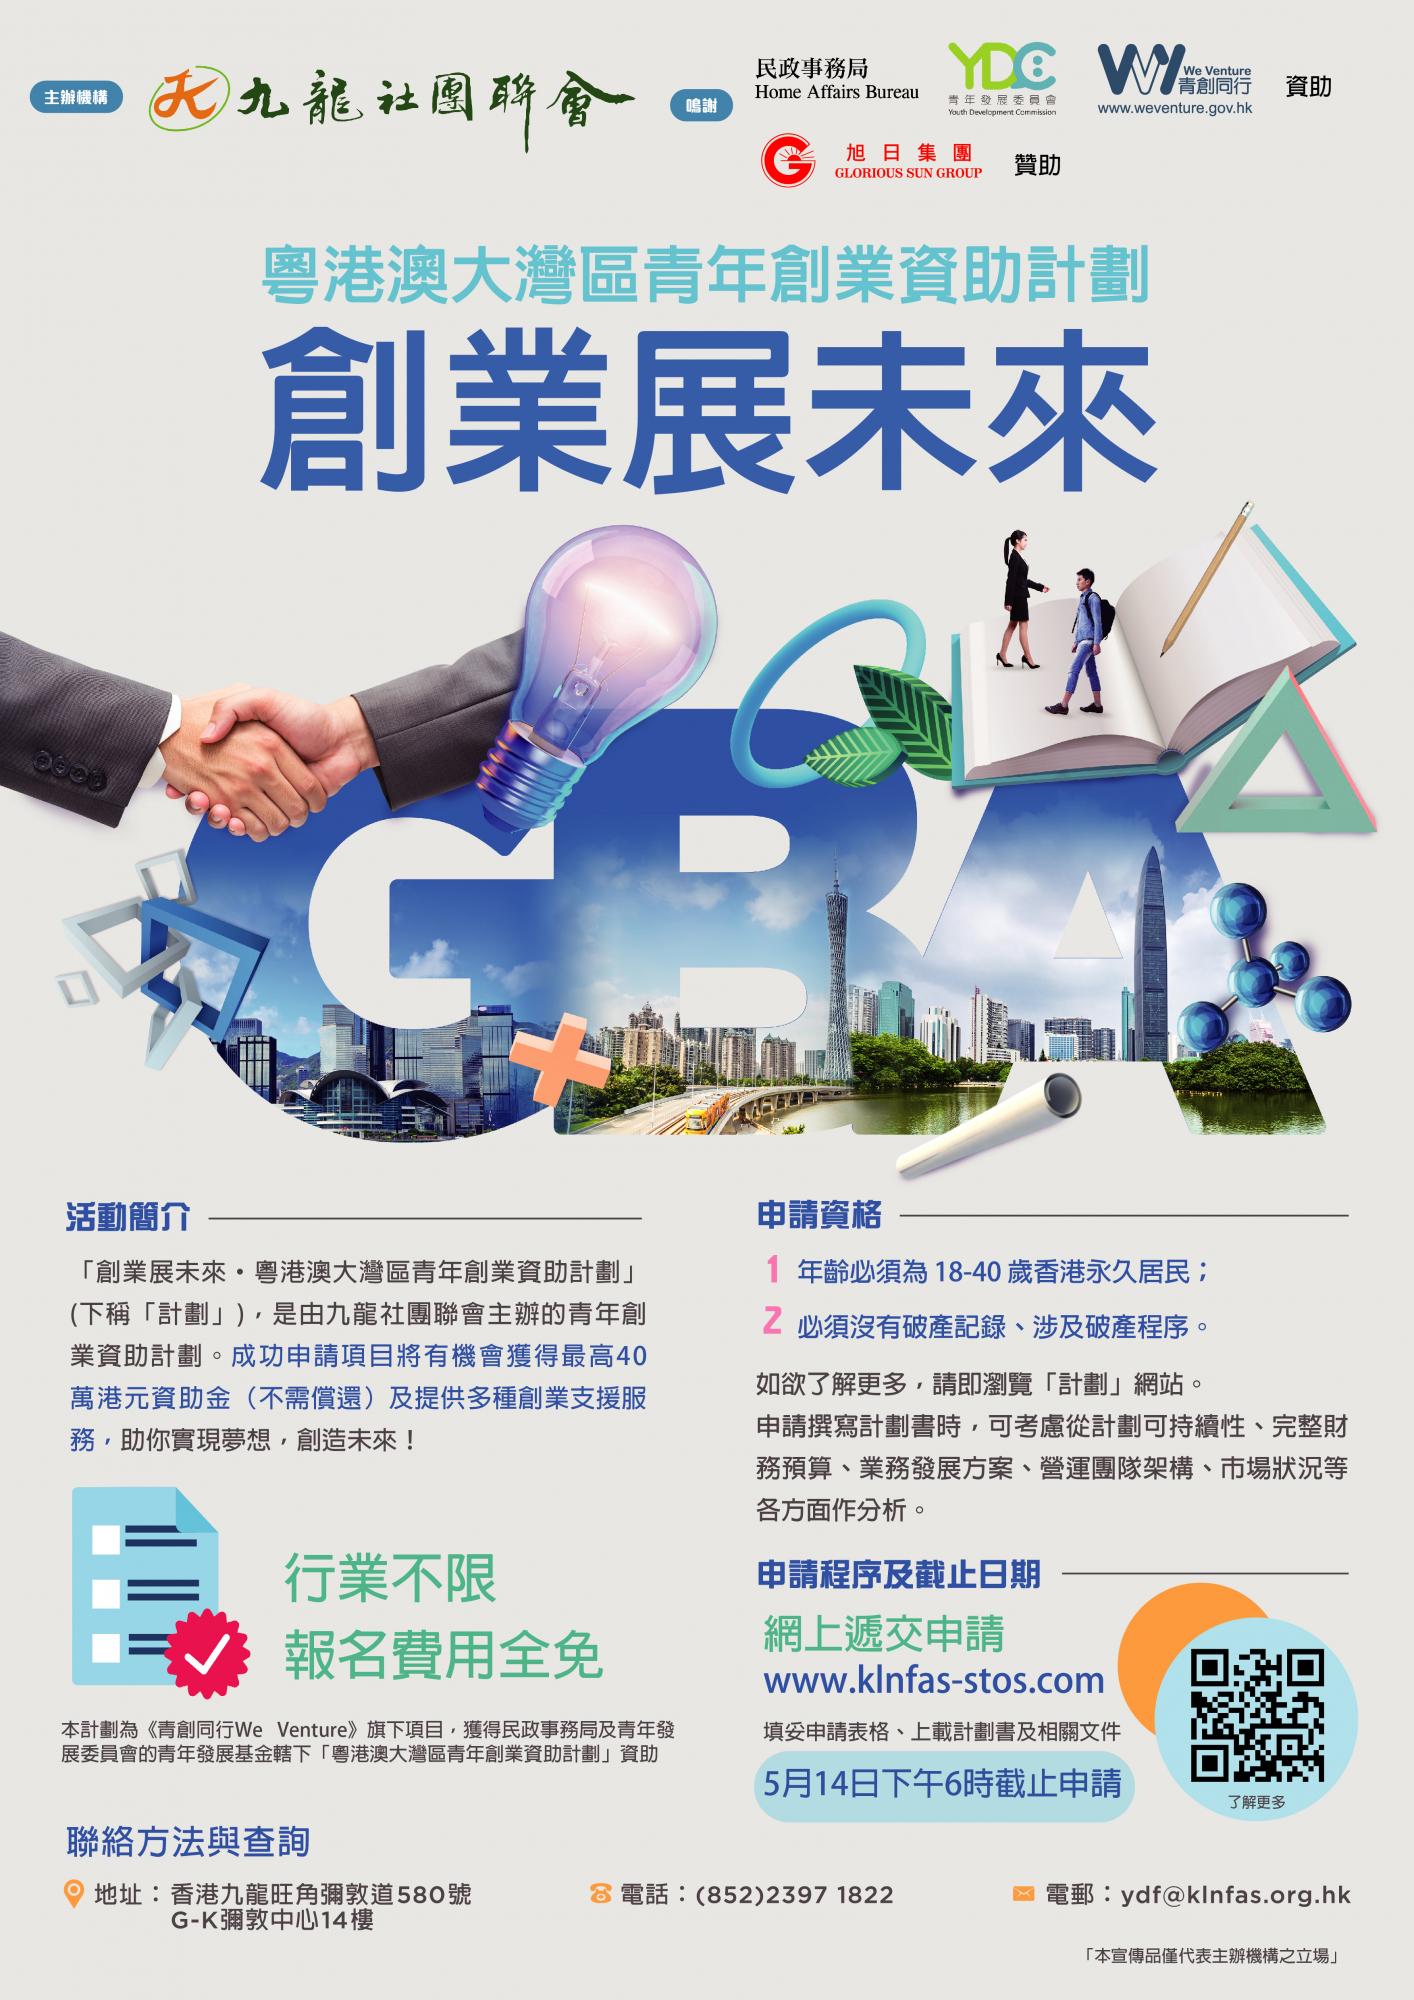 創業展未來‧粵港澳大灣區青年創業資助計劃